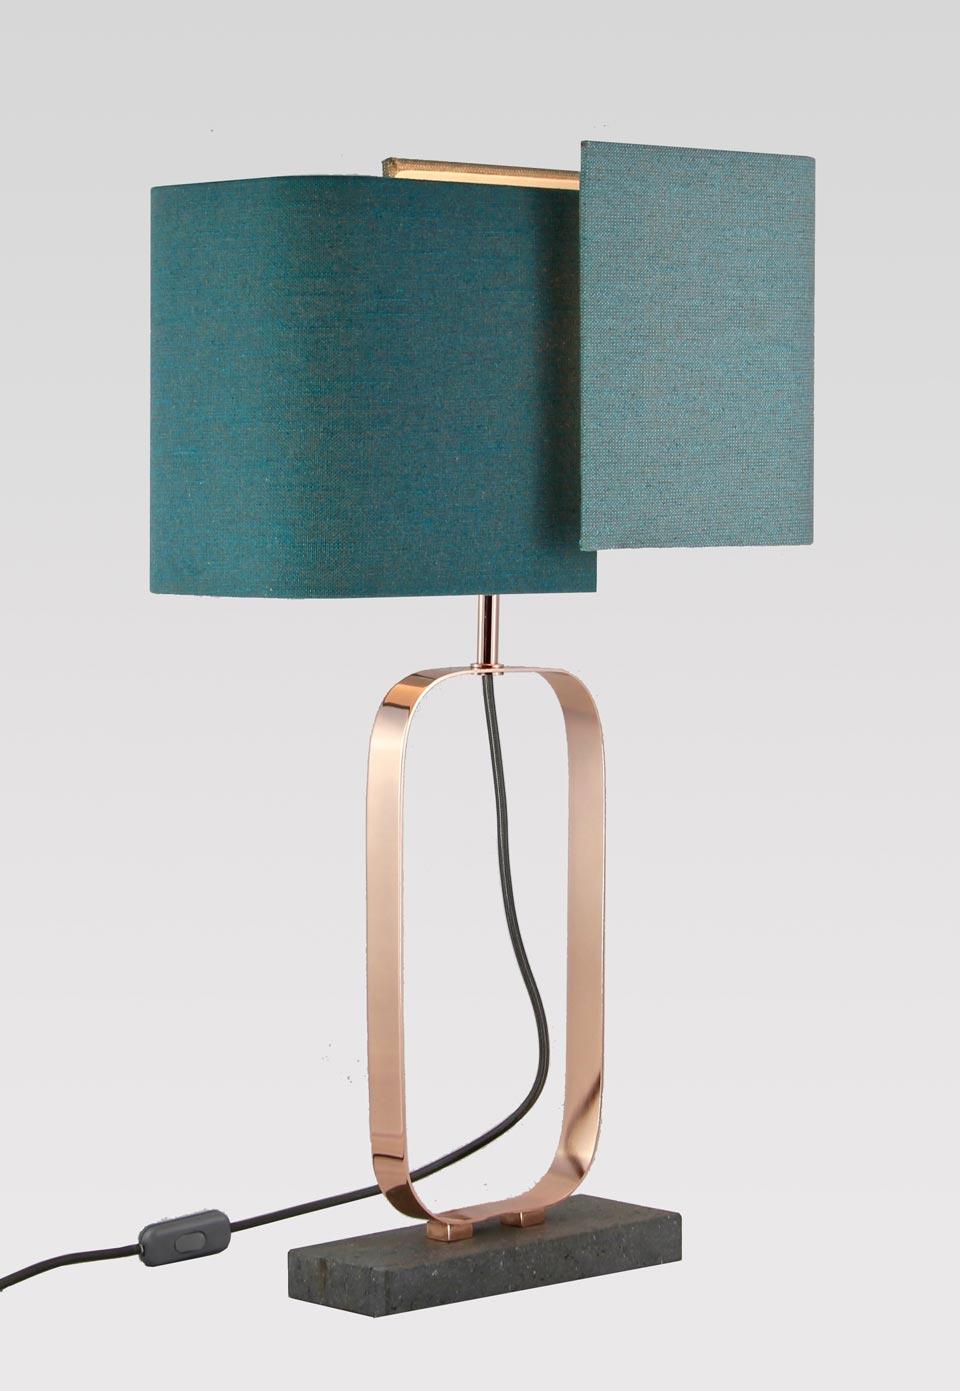 Lampe En Marbre Gris Et Cuivre Brillant Cubic Matlight Lampe De